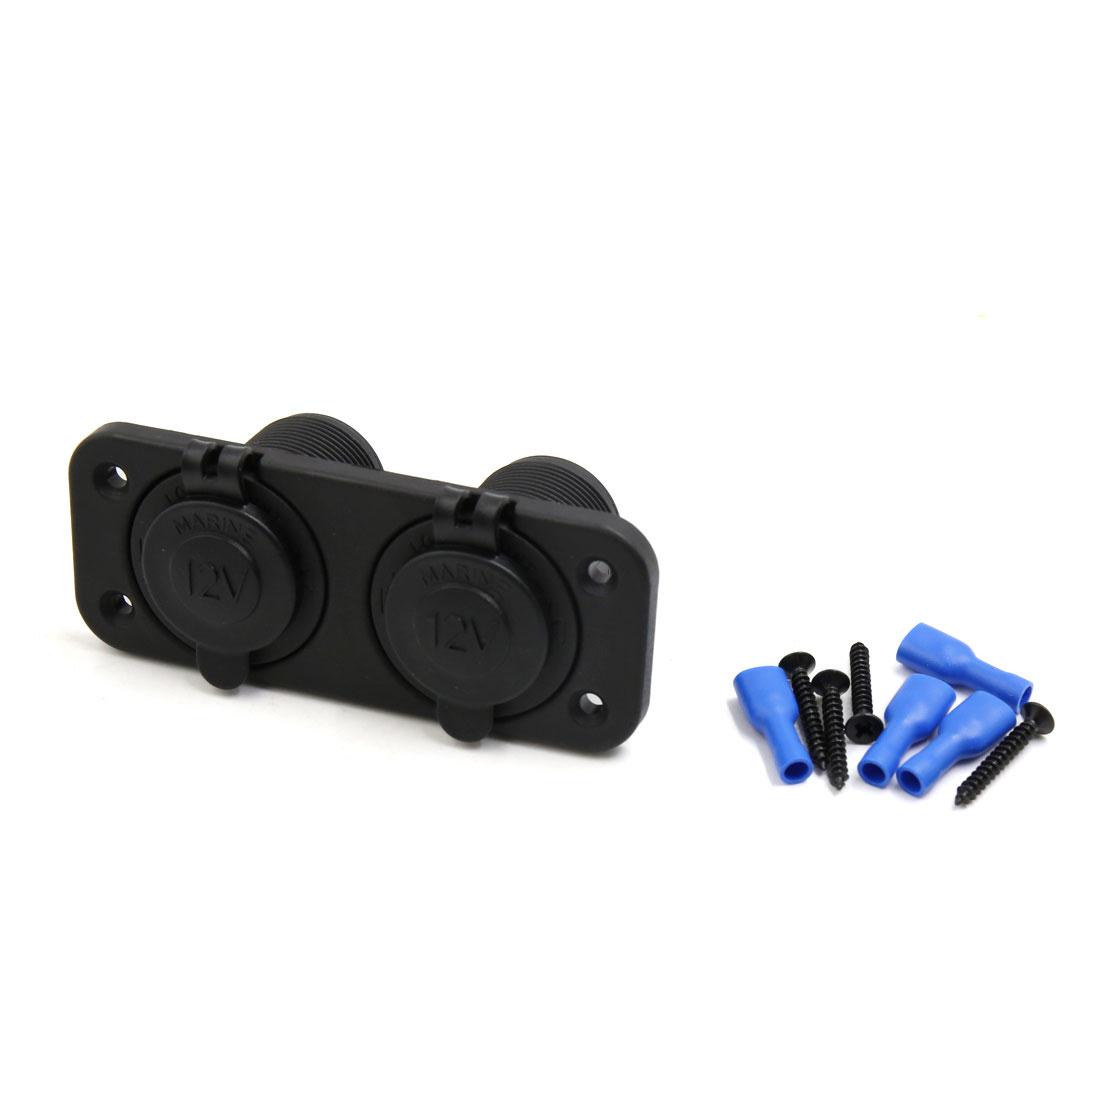 Car 2 in 1 Dual Cigarette Lighter Socket Splitter Power Adapter Outlet Black